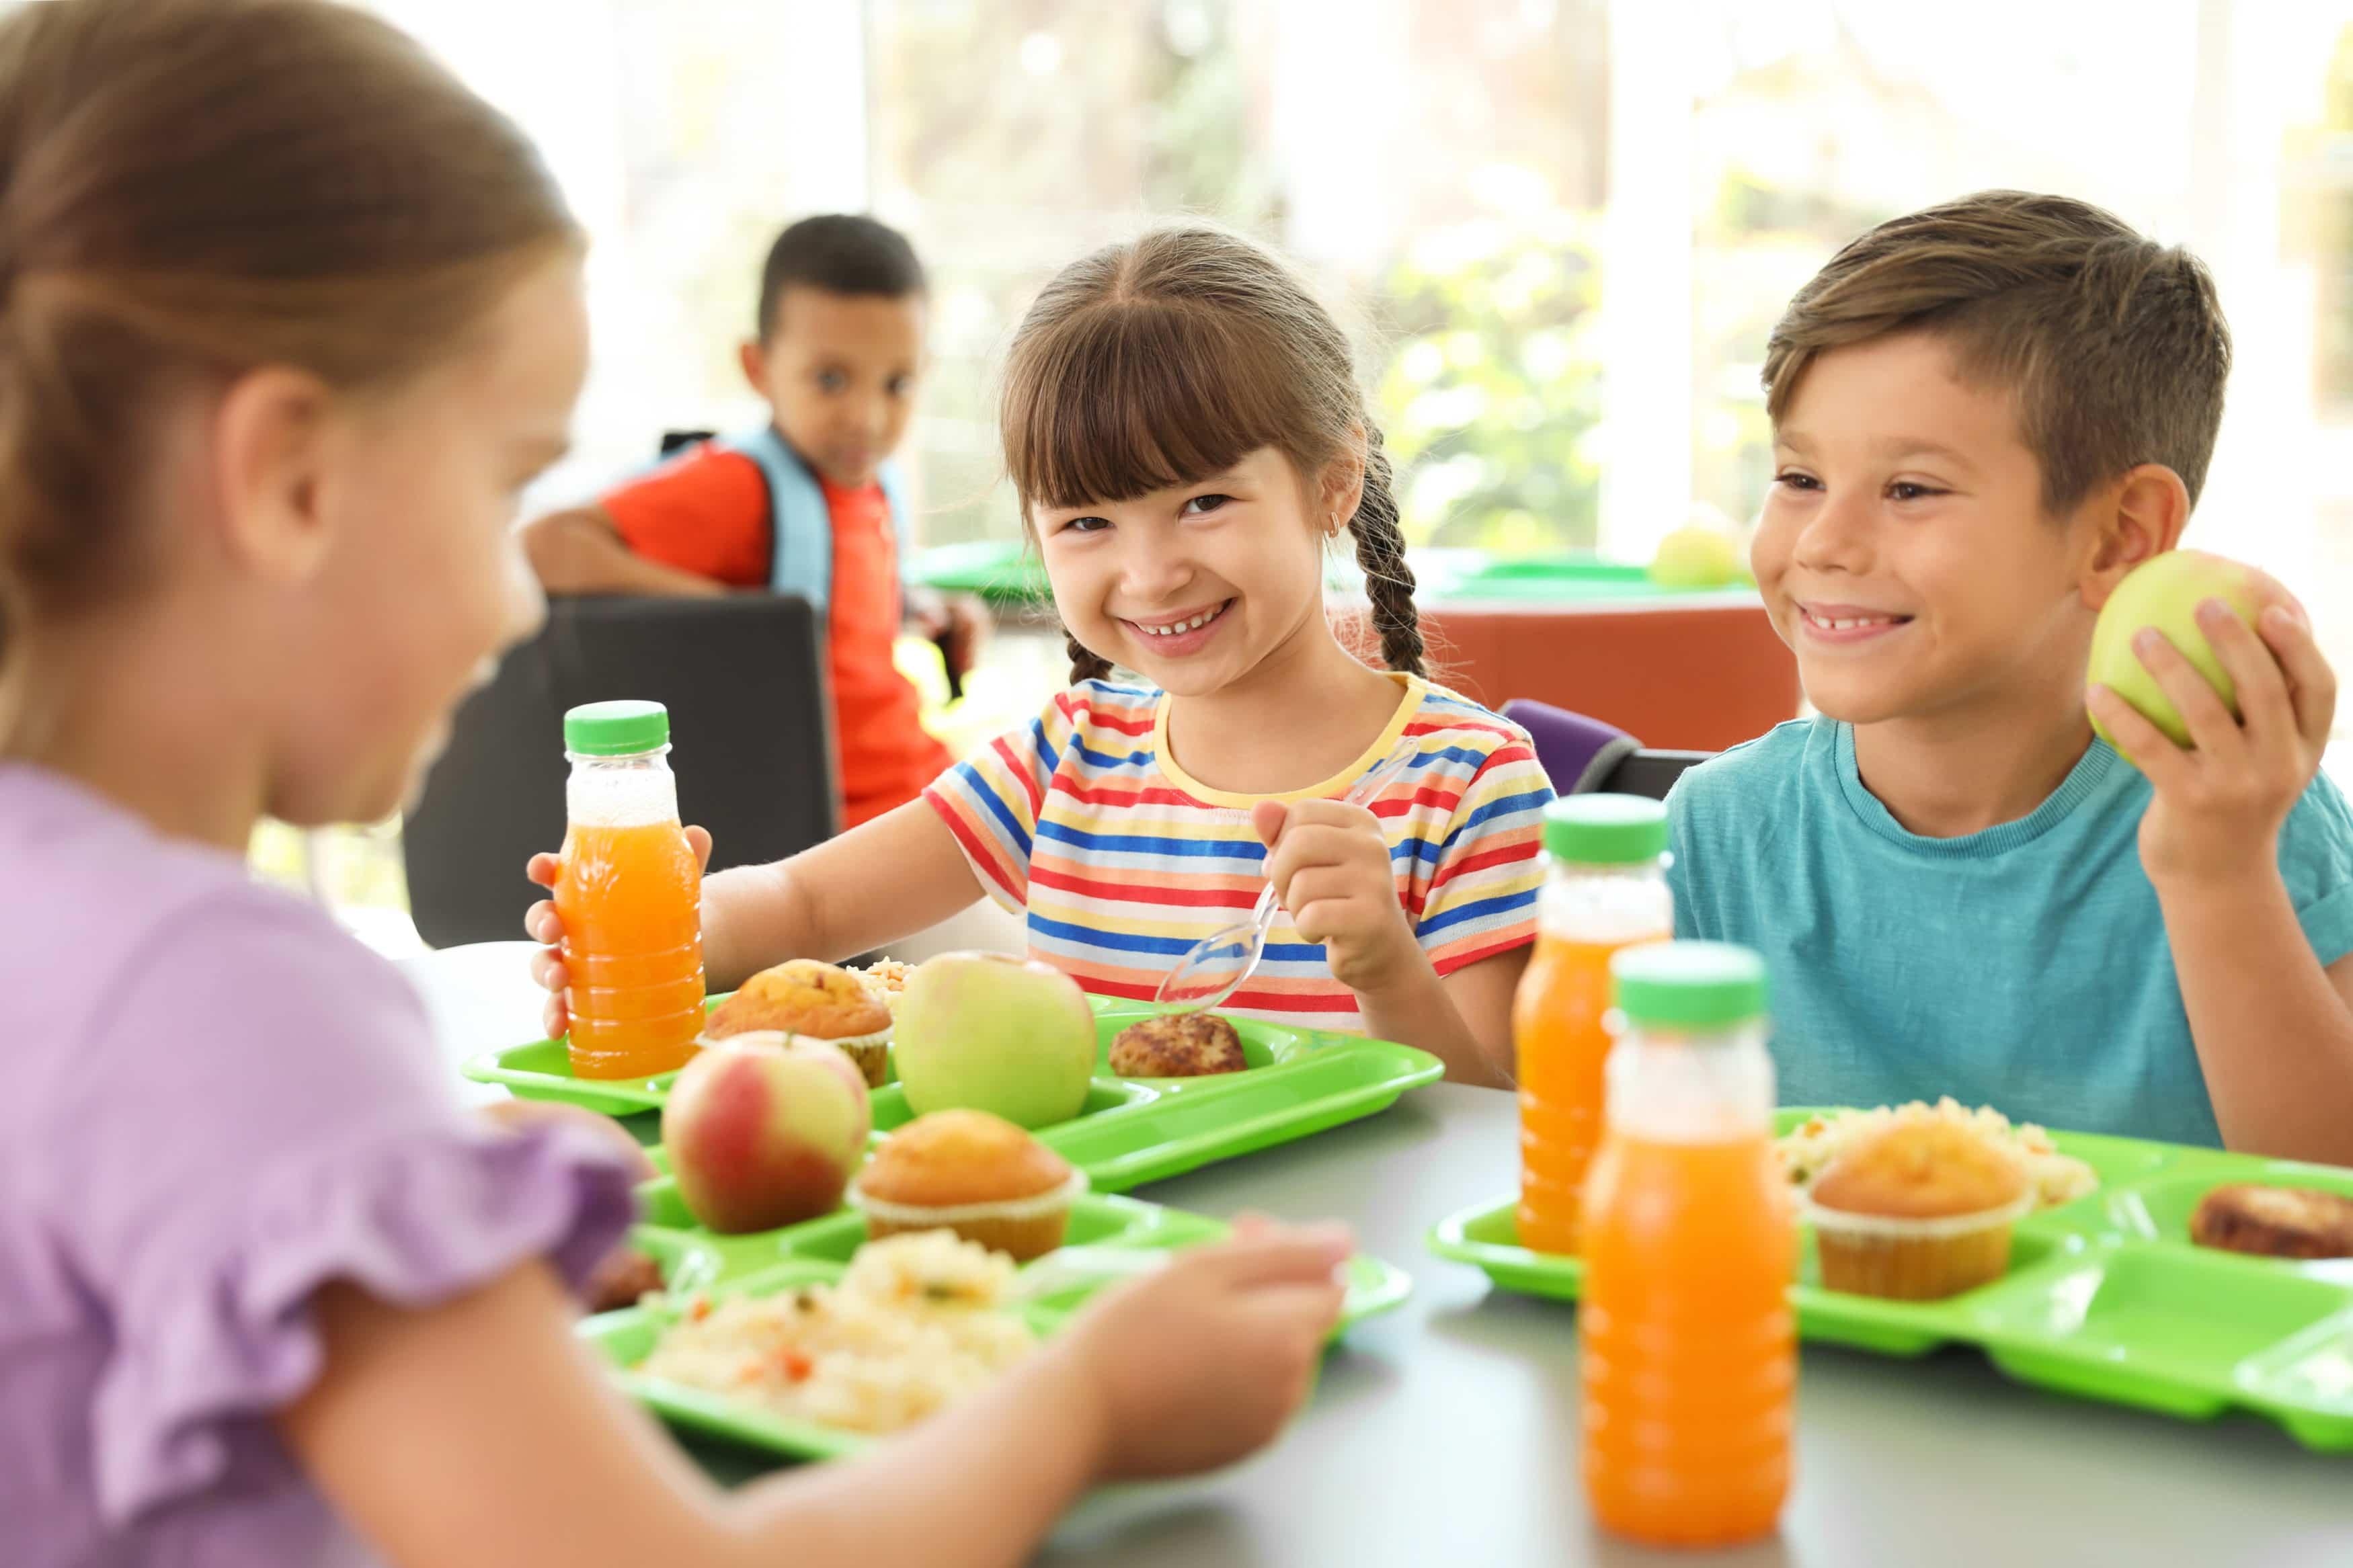 school-lunch-3500x2333.jpeg